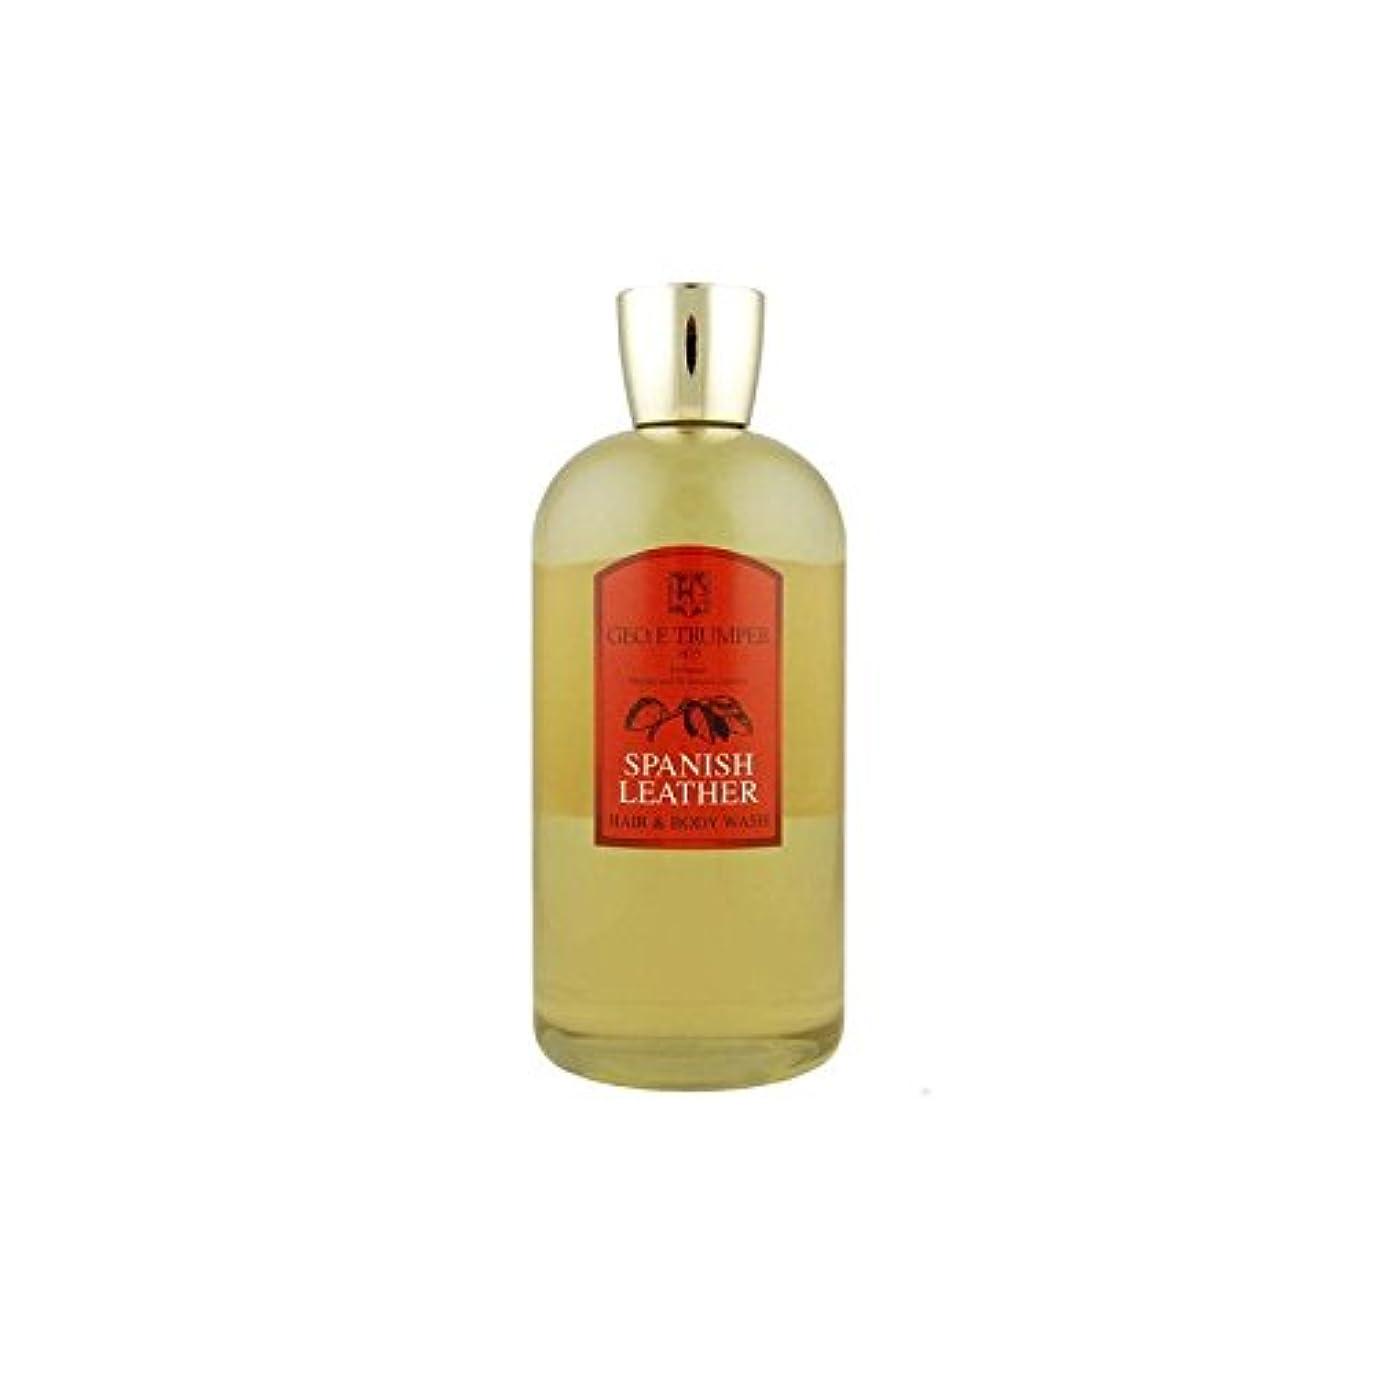 より平らなマーキー羽Trumpers Spanish Leather Hair and Body Wash - 500mlTravel Bottle - 革の髪とボディウォッシュスペイン語 - 500ボトル [並行輸入品]